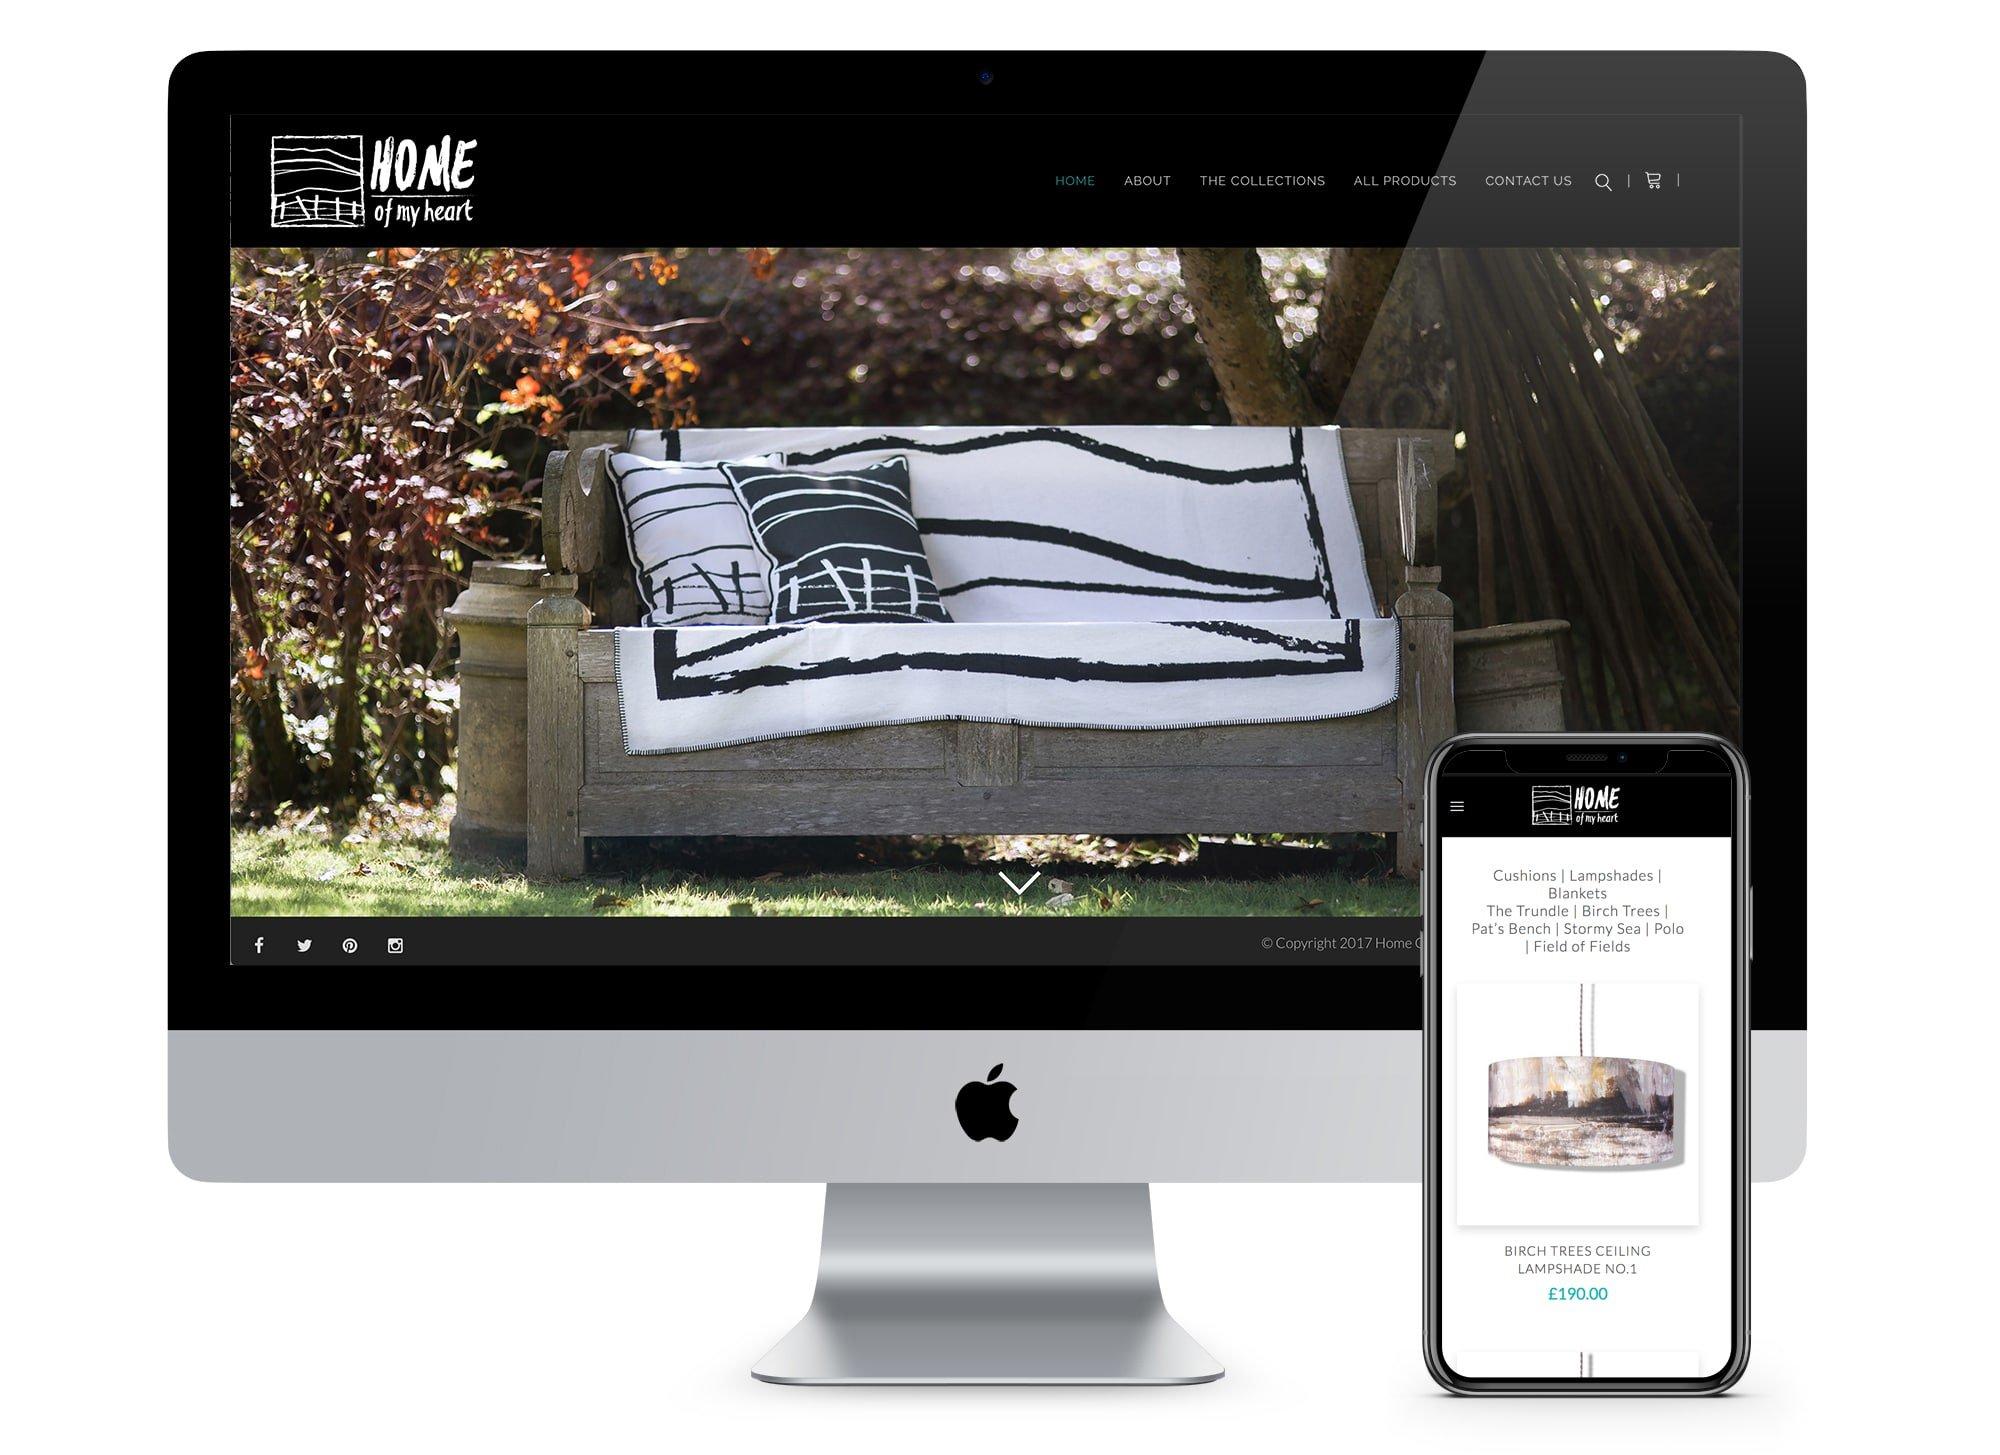 HOMH Website